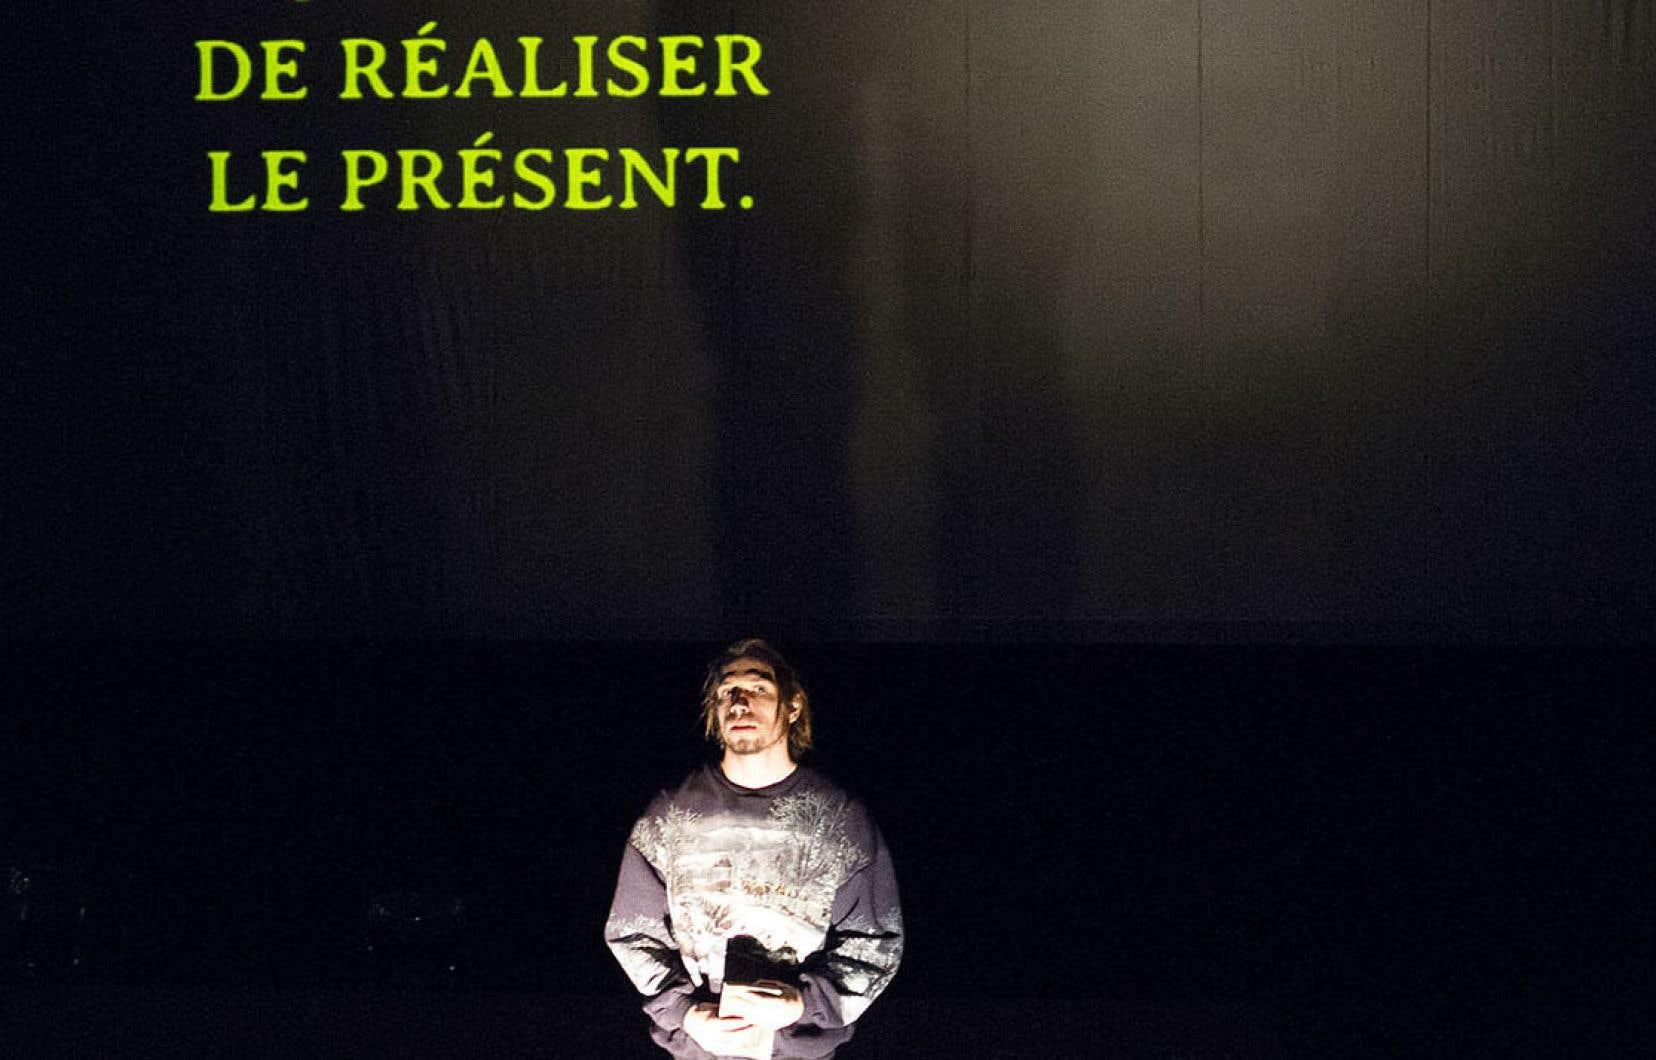 Mélancolique, pour ne pas dire hantée, l'œuvre, éminemment plastique, flirte avec l'installation et la performance.